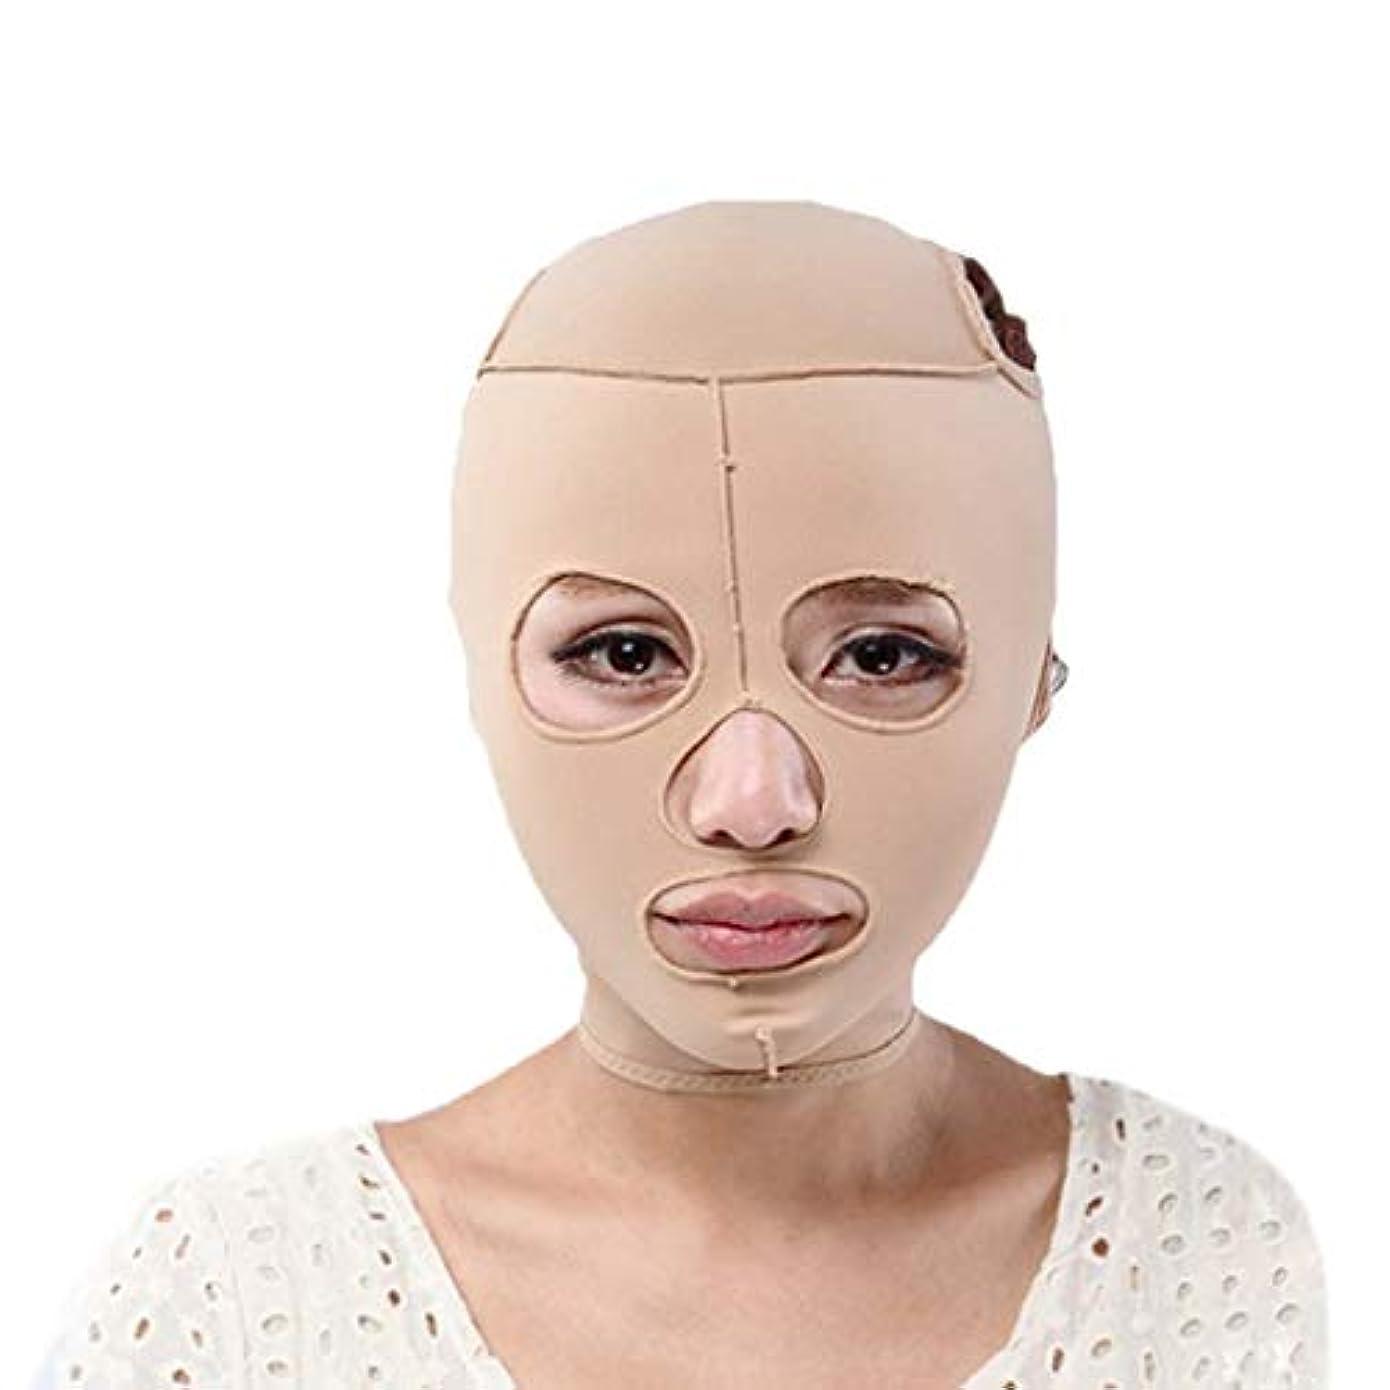 にはまってダイアクリティカル急ぐチンストラップ、顔の減量アンチシワマスク、快適な通気性マスク付きオールインクルーシブフェイス、薄型フェイスマスクリフティング包帯引き締め(サイズ:S),XL